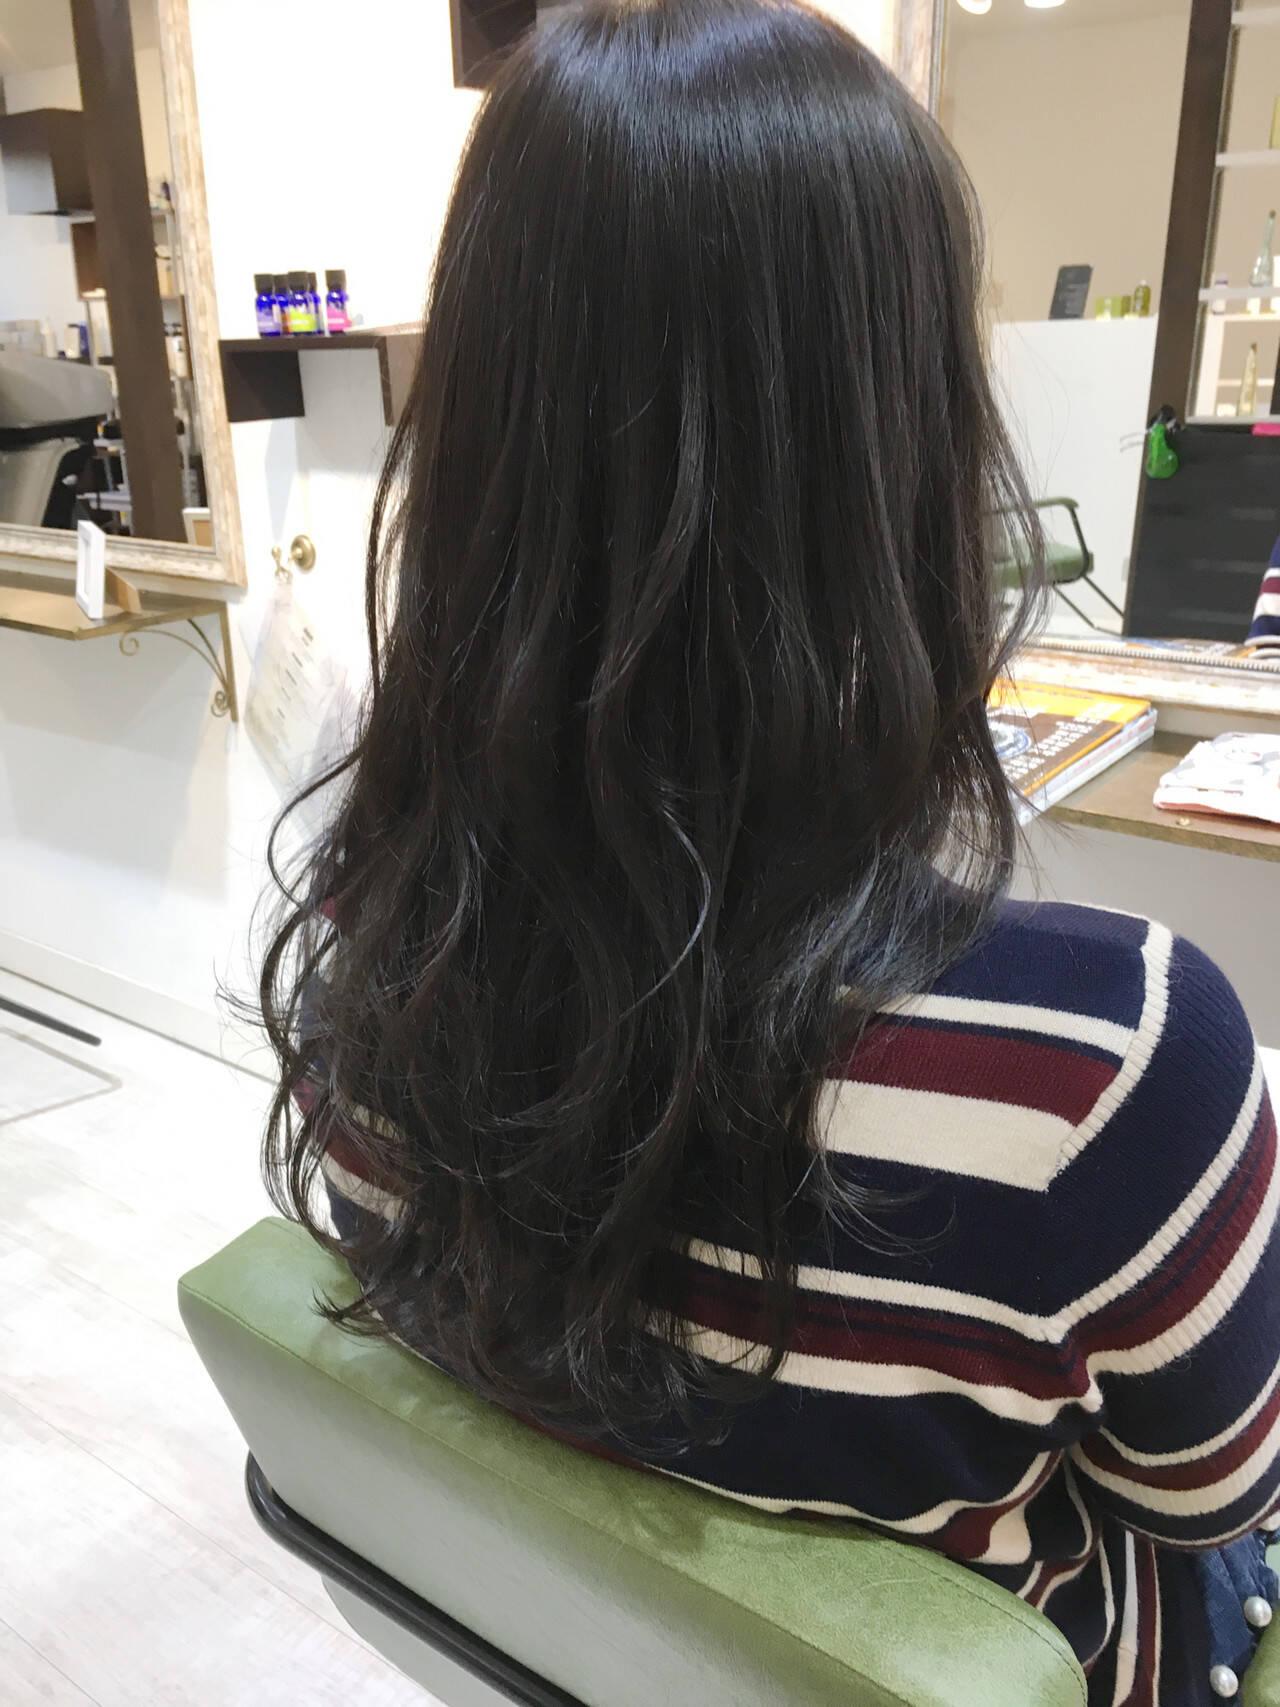 アンニュイほつれヘア ハイライト ウェーブ アッシュヘアスタイルや髪型の写真・画像